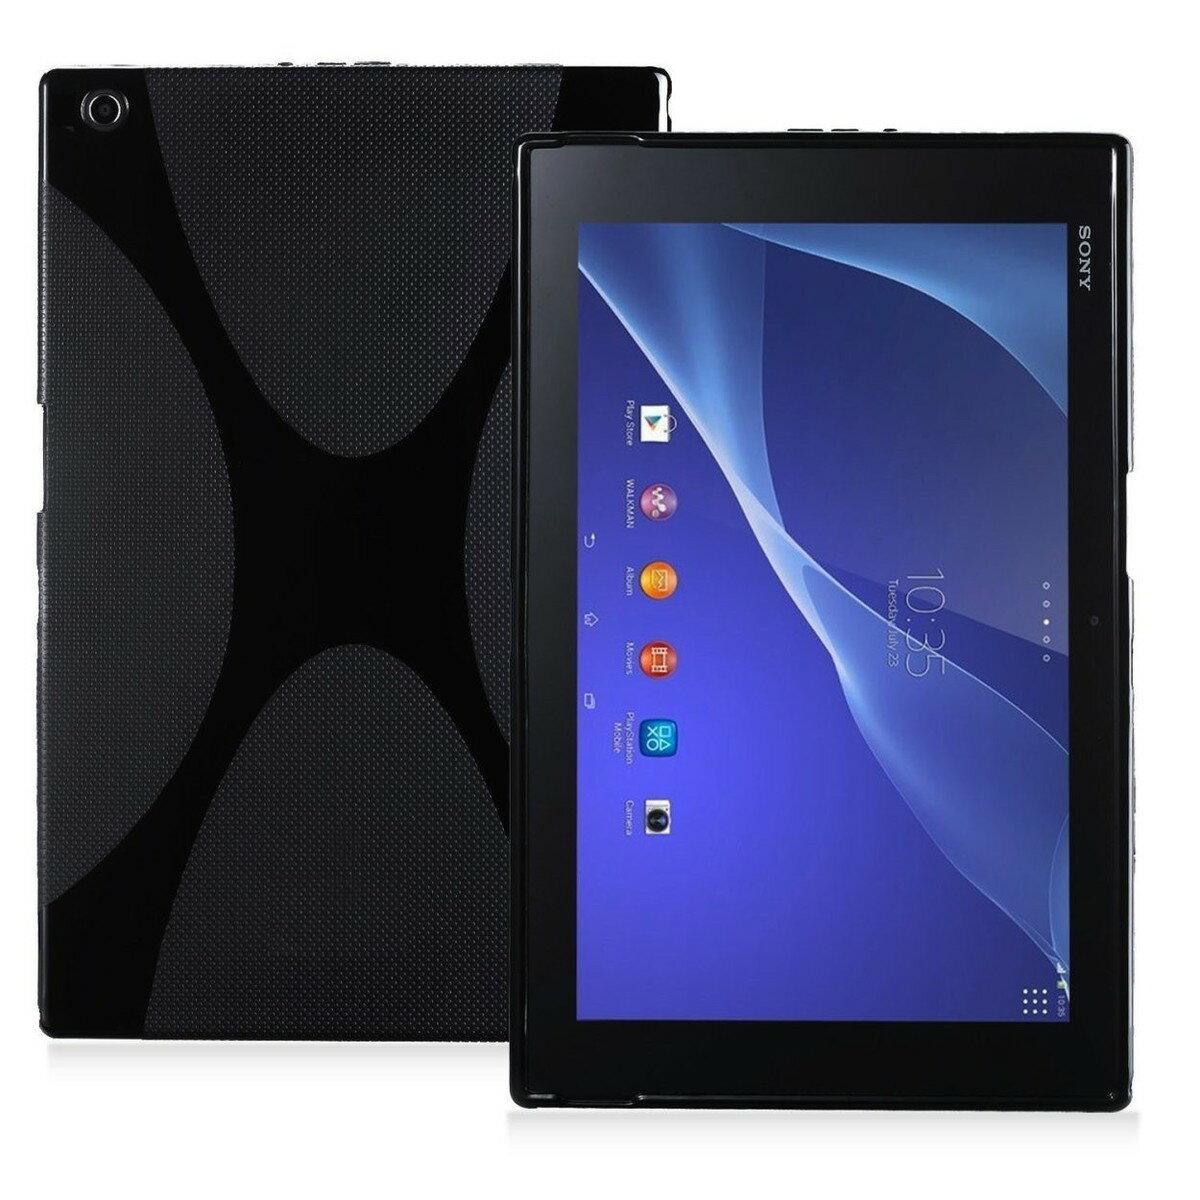 タブレットPCアクセサリー, タブレットカバー・ケース Xperia Z4 Tablet TPU docomo SO-05Gau SOT31SONY SGP712JP Wi-Fi 10.1